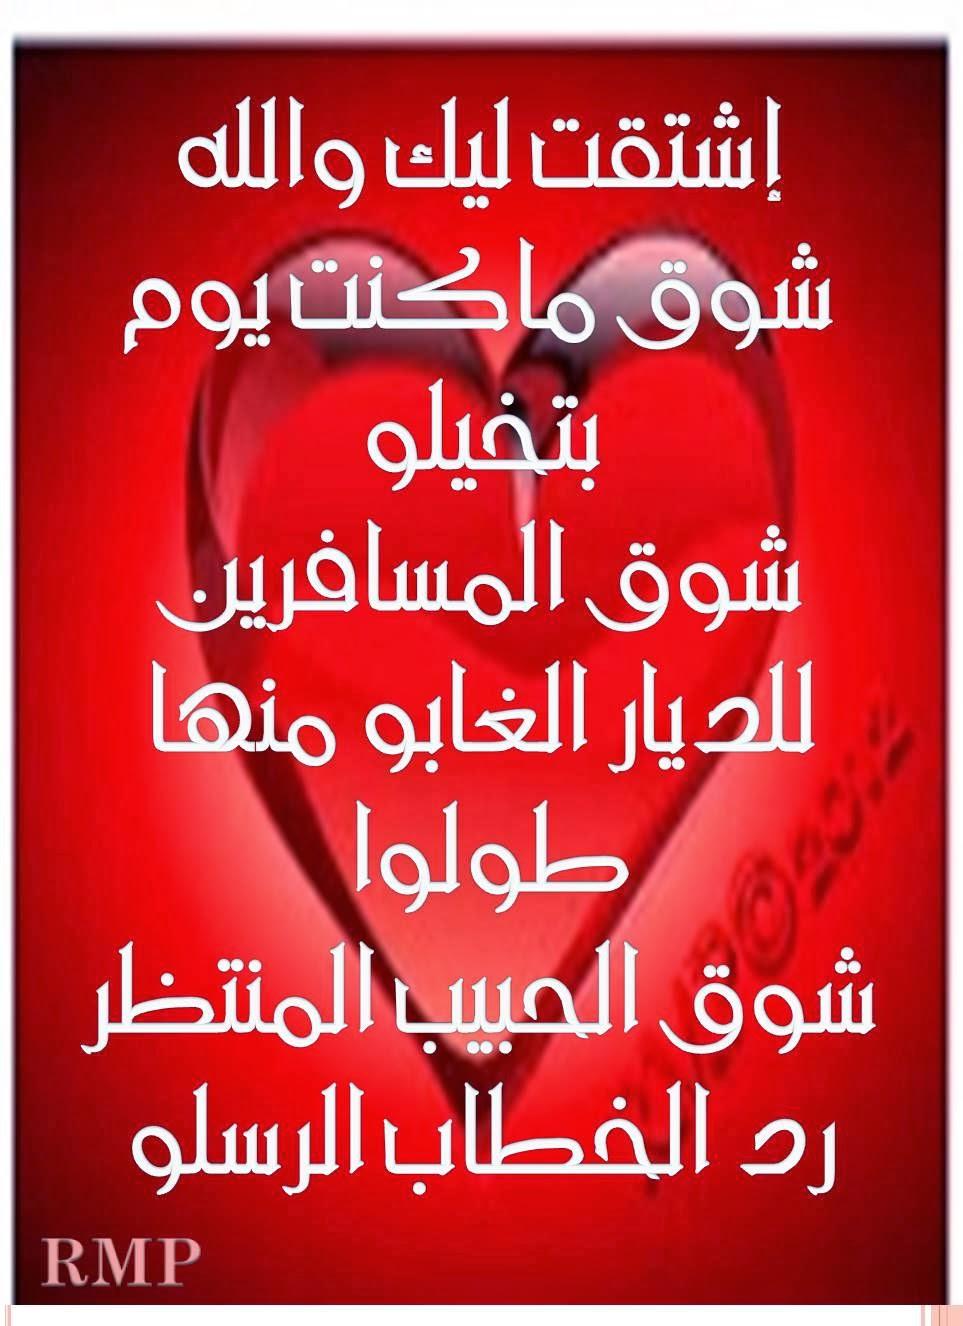 بالصور شاعر الحب والرومانسية , الحب هو مركز الحياة 12336 14